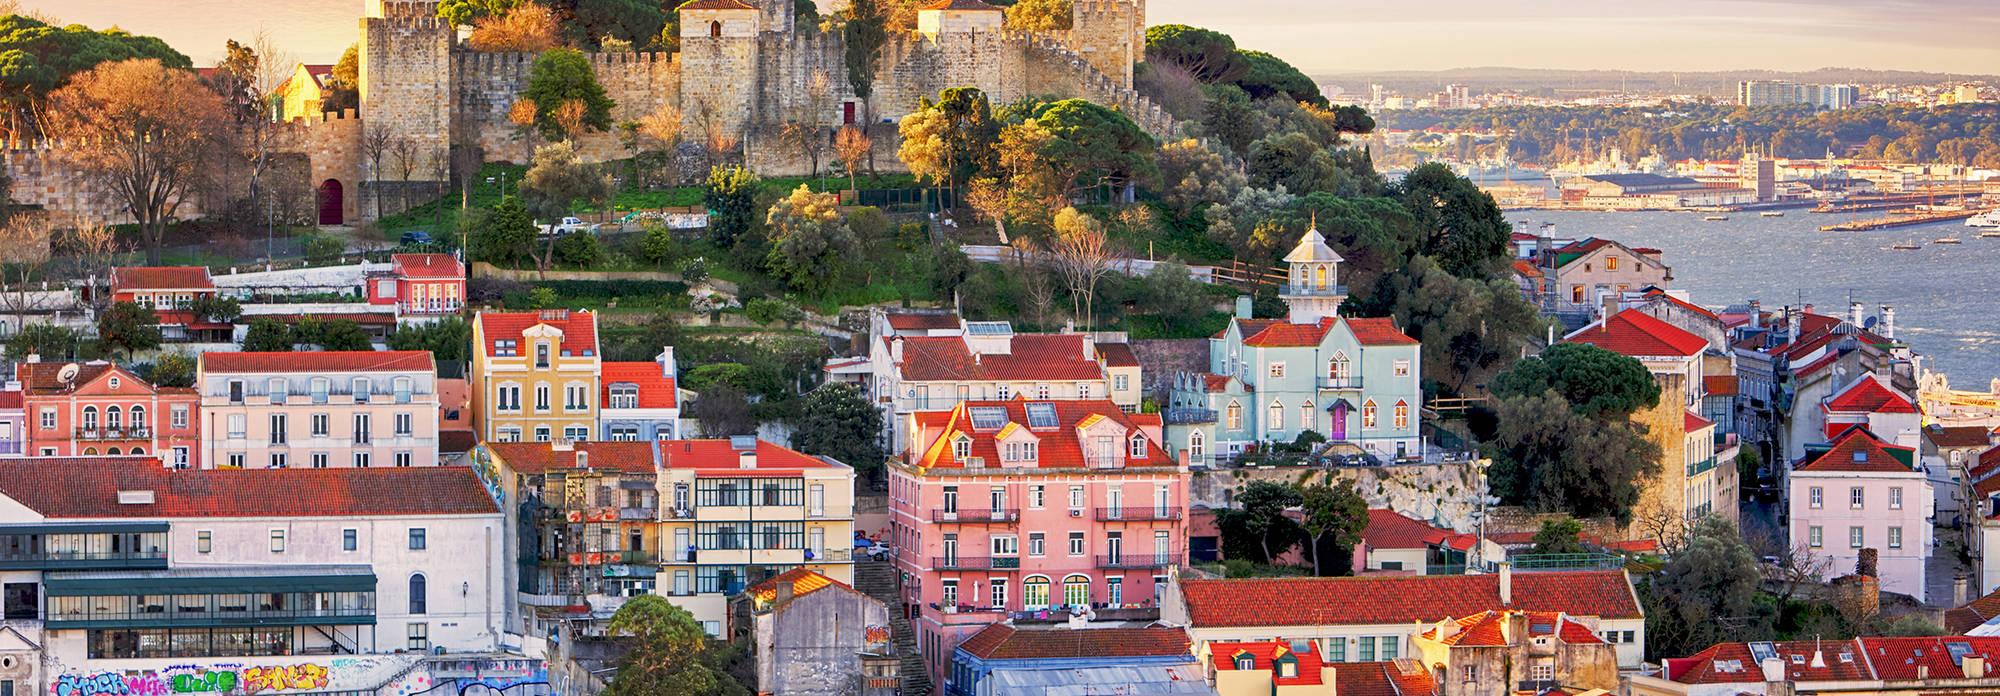 Vakantie Portugal 2019 Vakantie Naar De Zon De Jong Intra